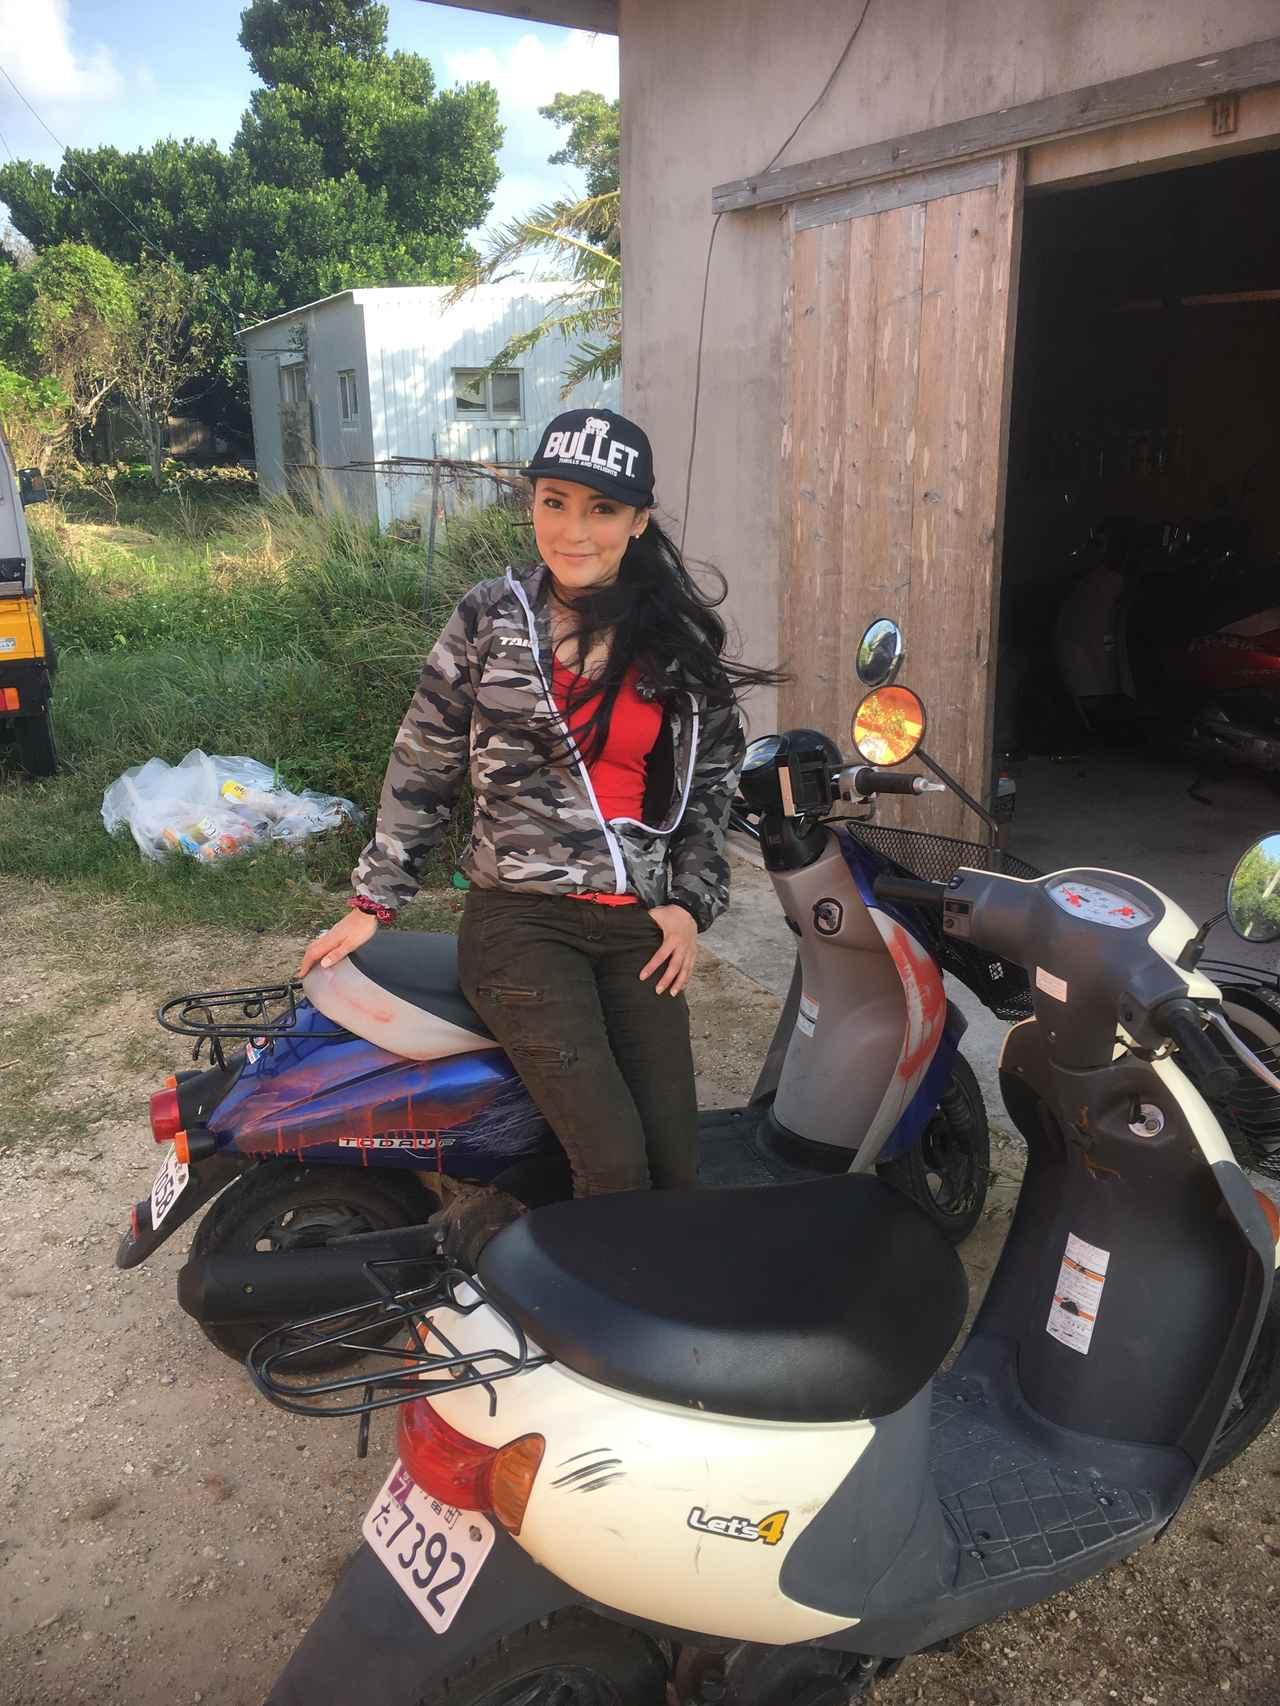 画像: ちなみに、黒島のレンタルバイクは原付一種のみでございます。 1時間 800円。2時間あればゆっくり周れます(⁎⁍̴̛ᴗ⁍̴̛⁎)